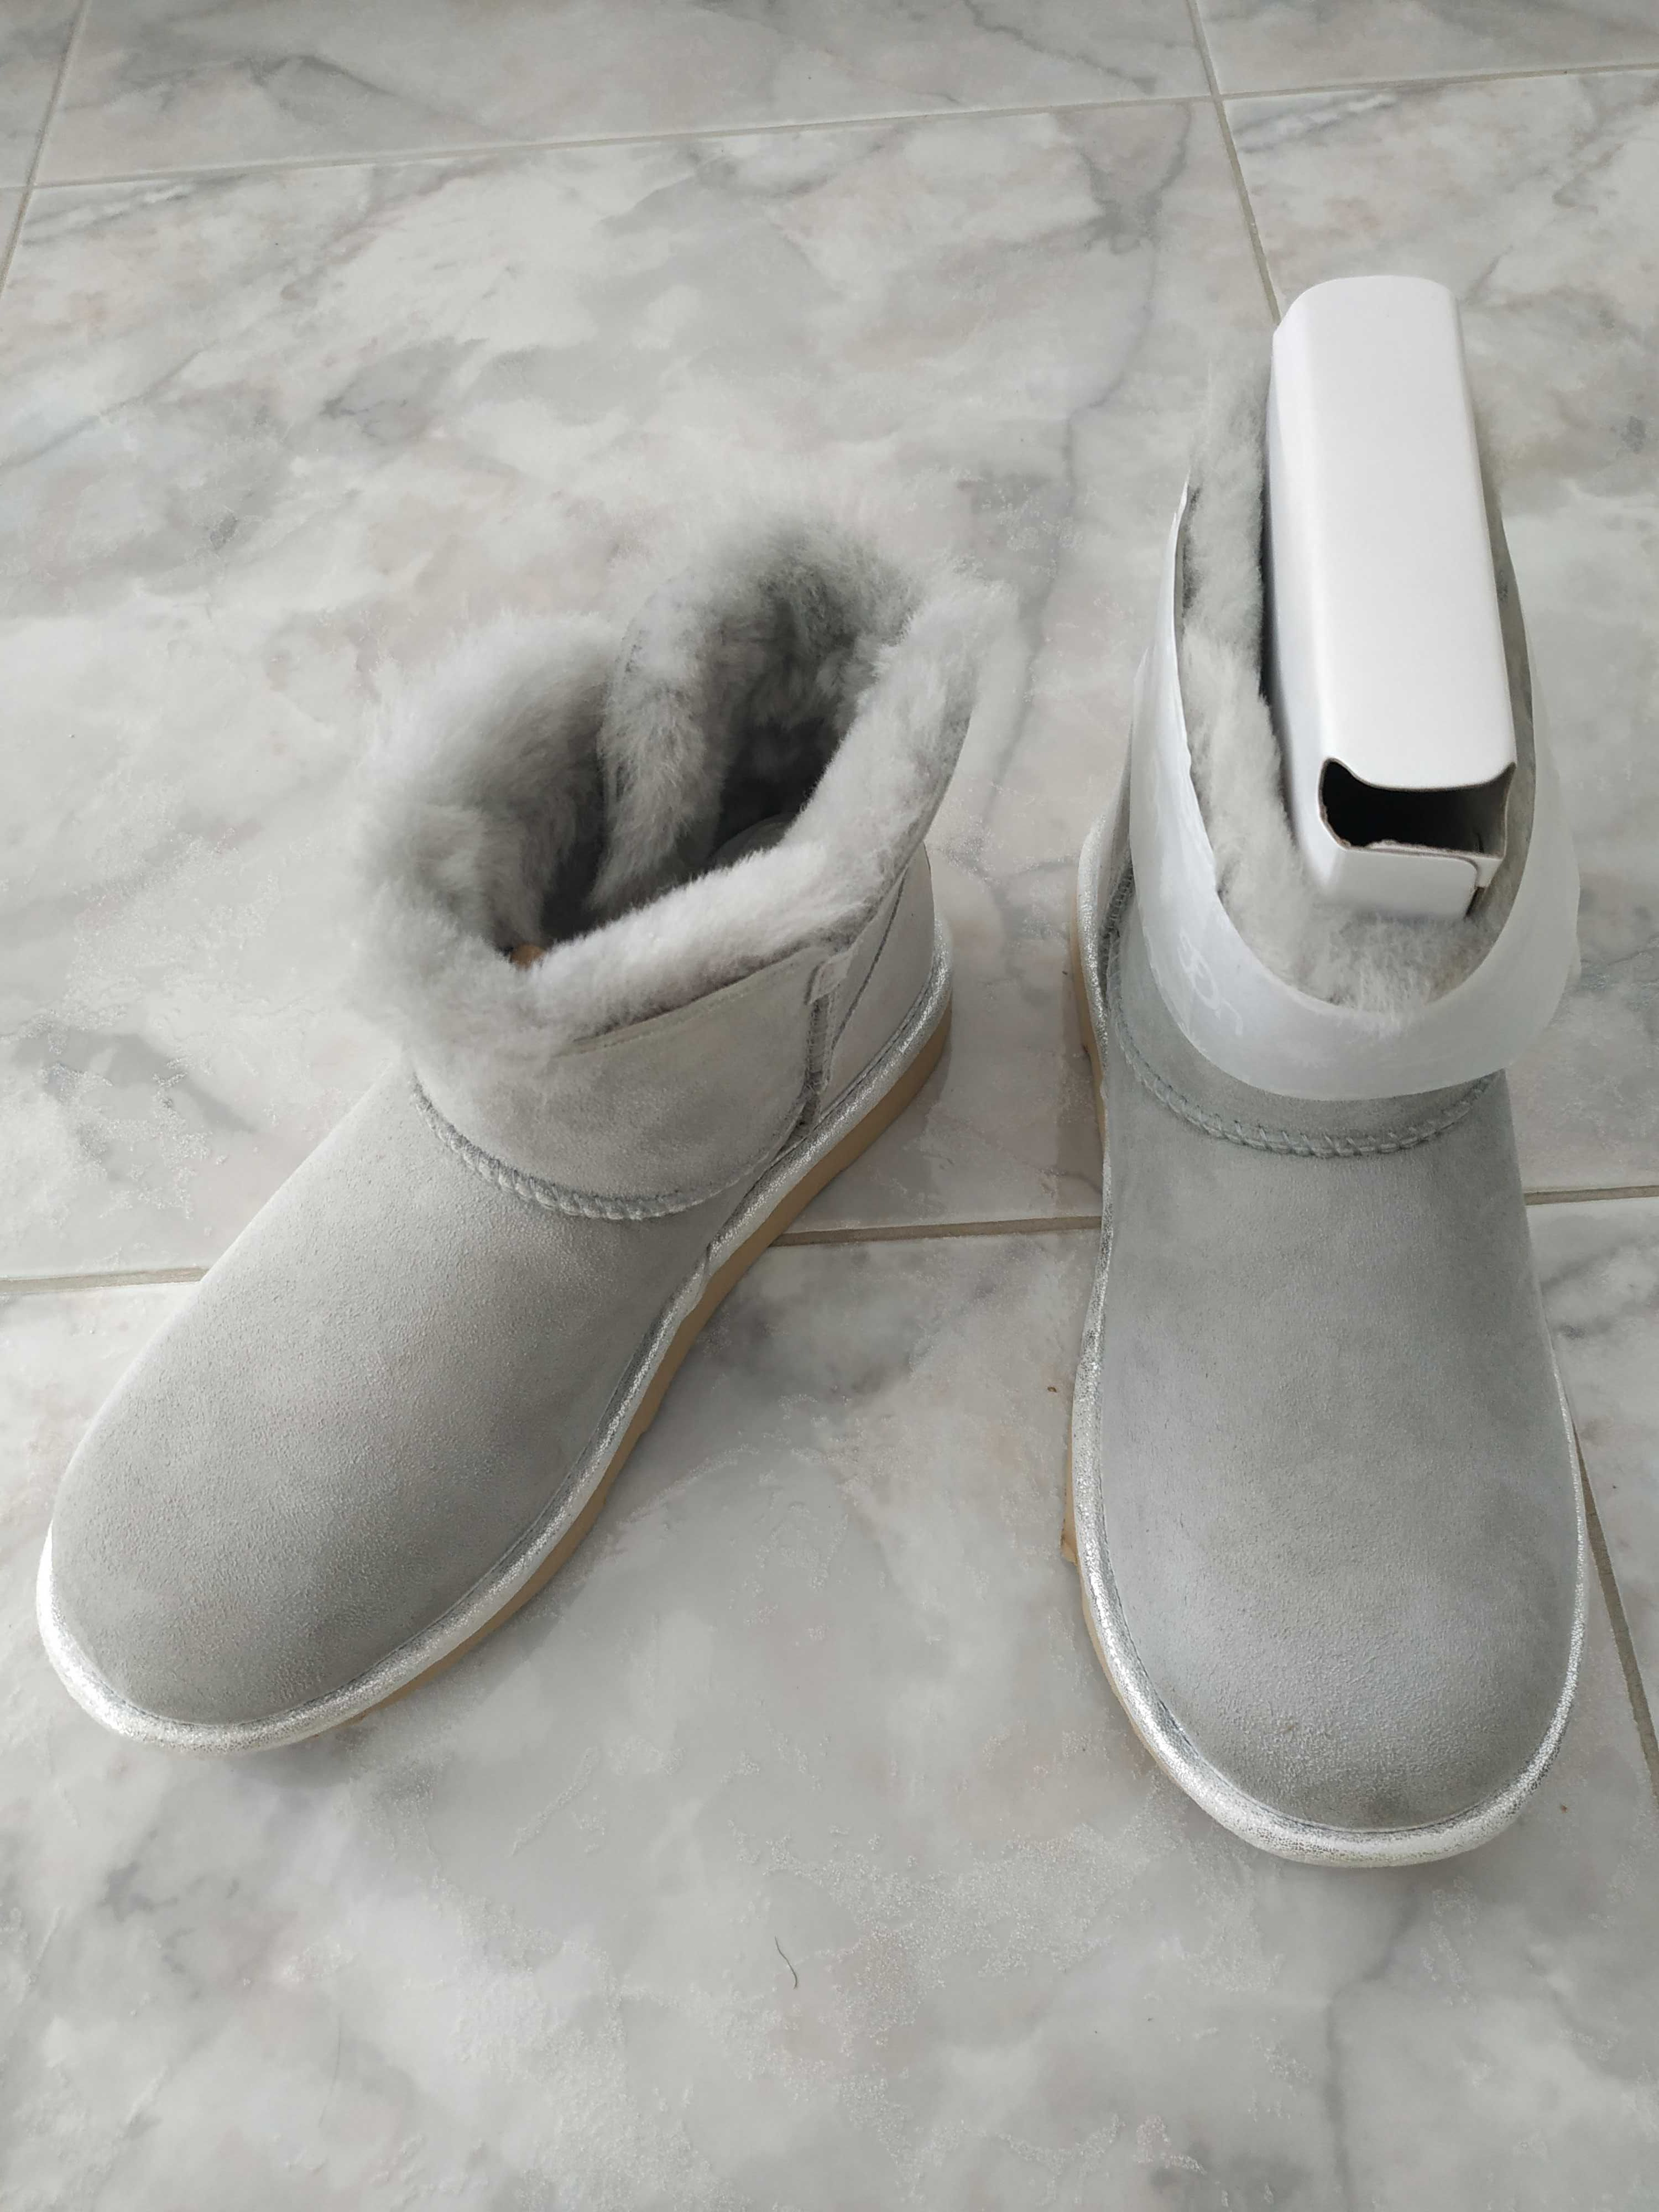 Зимние сапожки Ugg, размер 37, стелька 23.5 см ,оригинал.